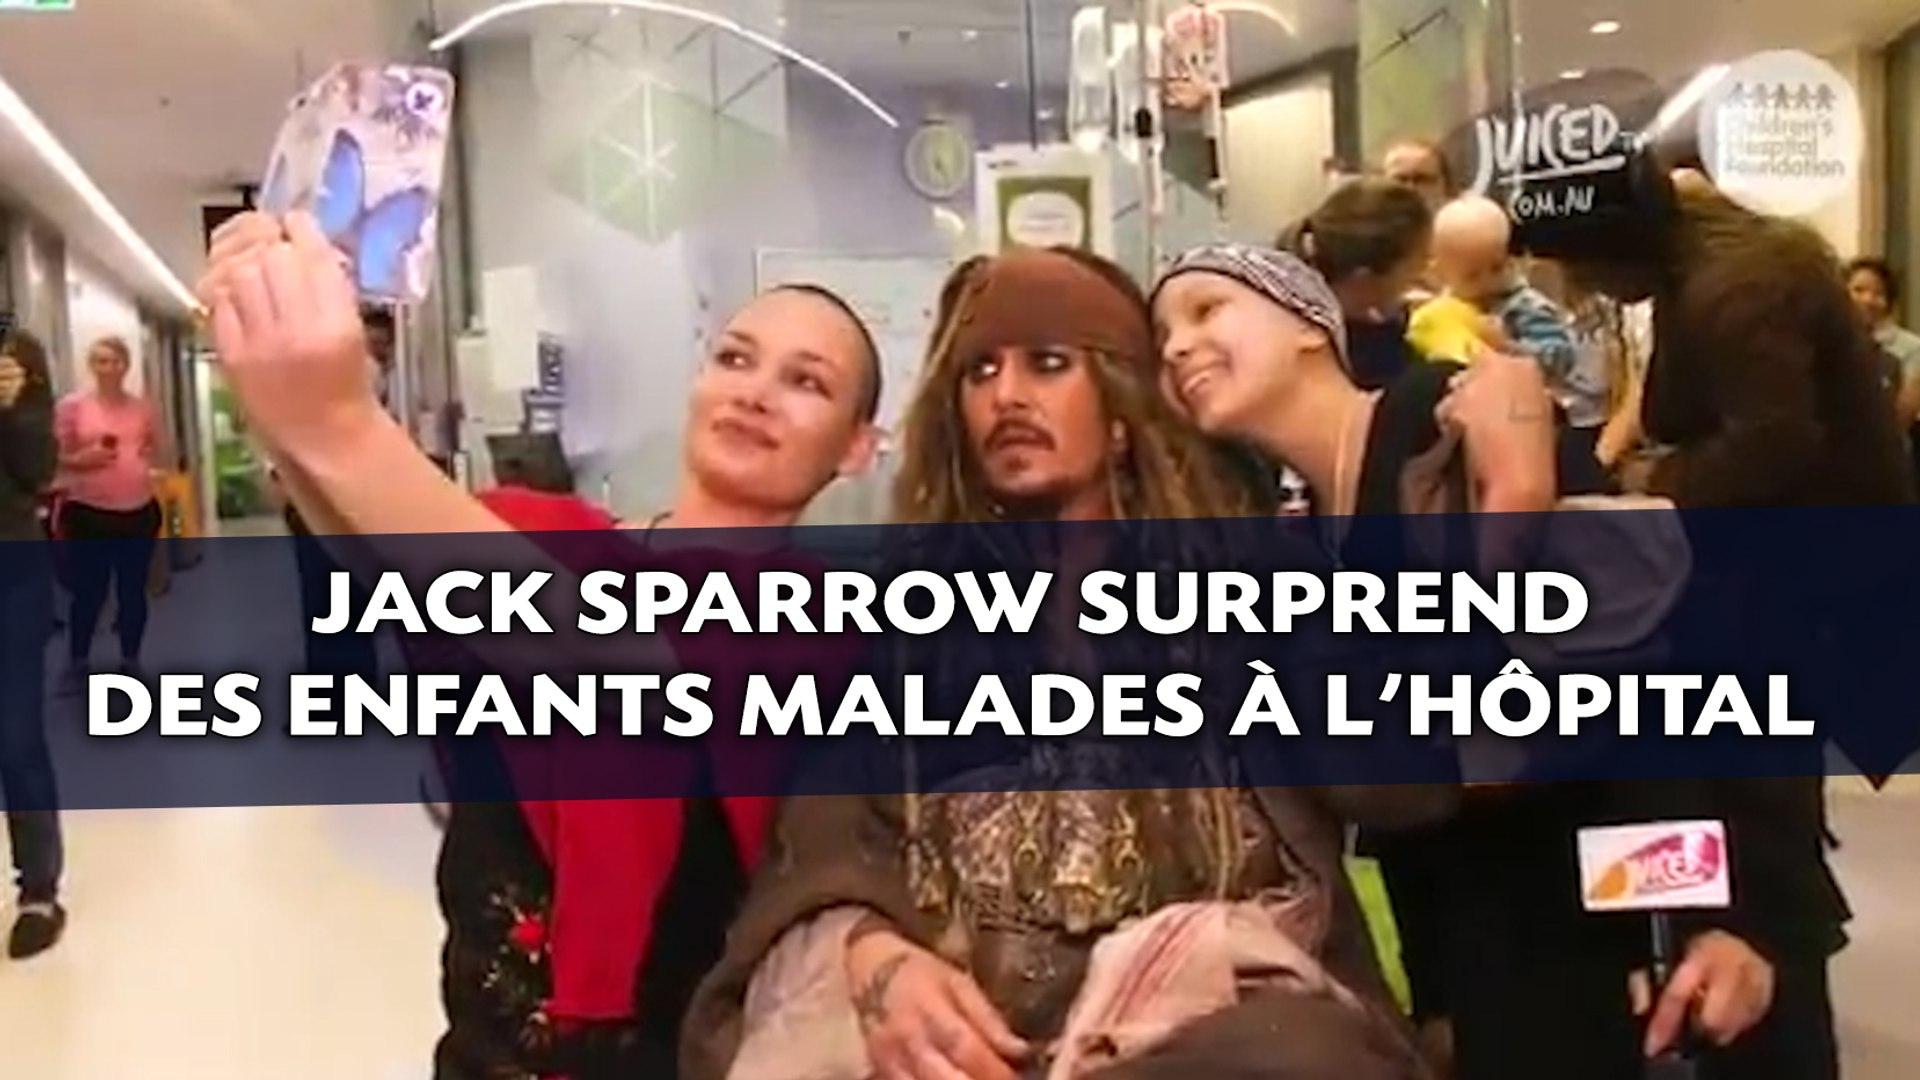 Jack Sparrow surprend des enfants malades à l'hôpital